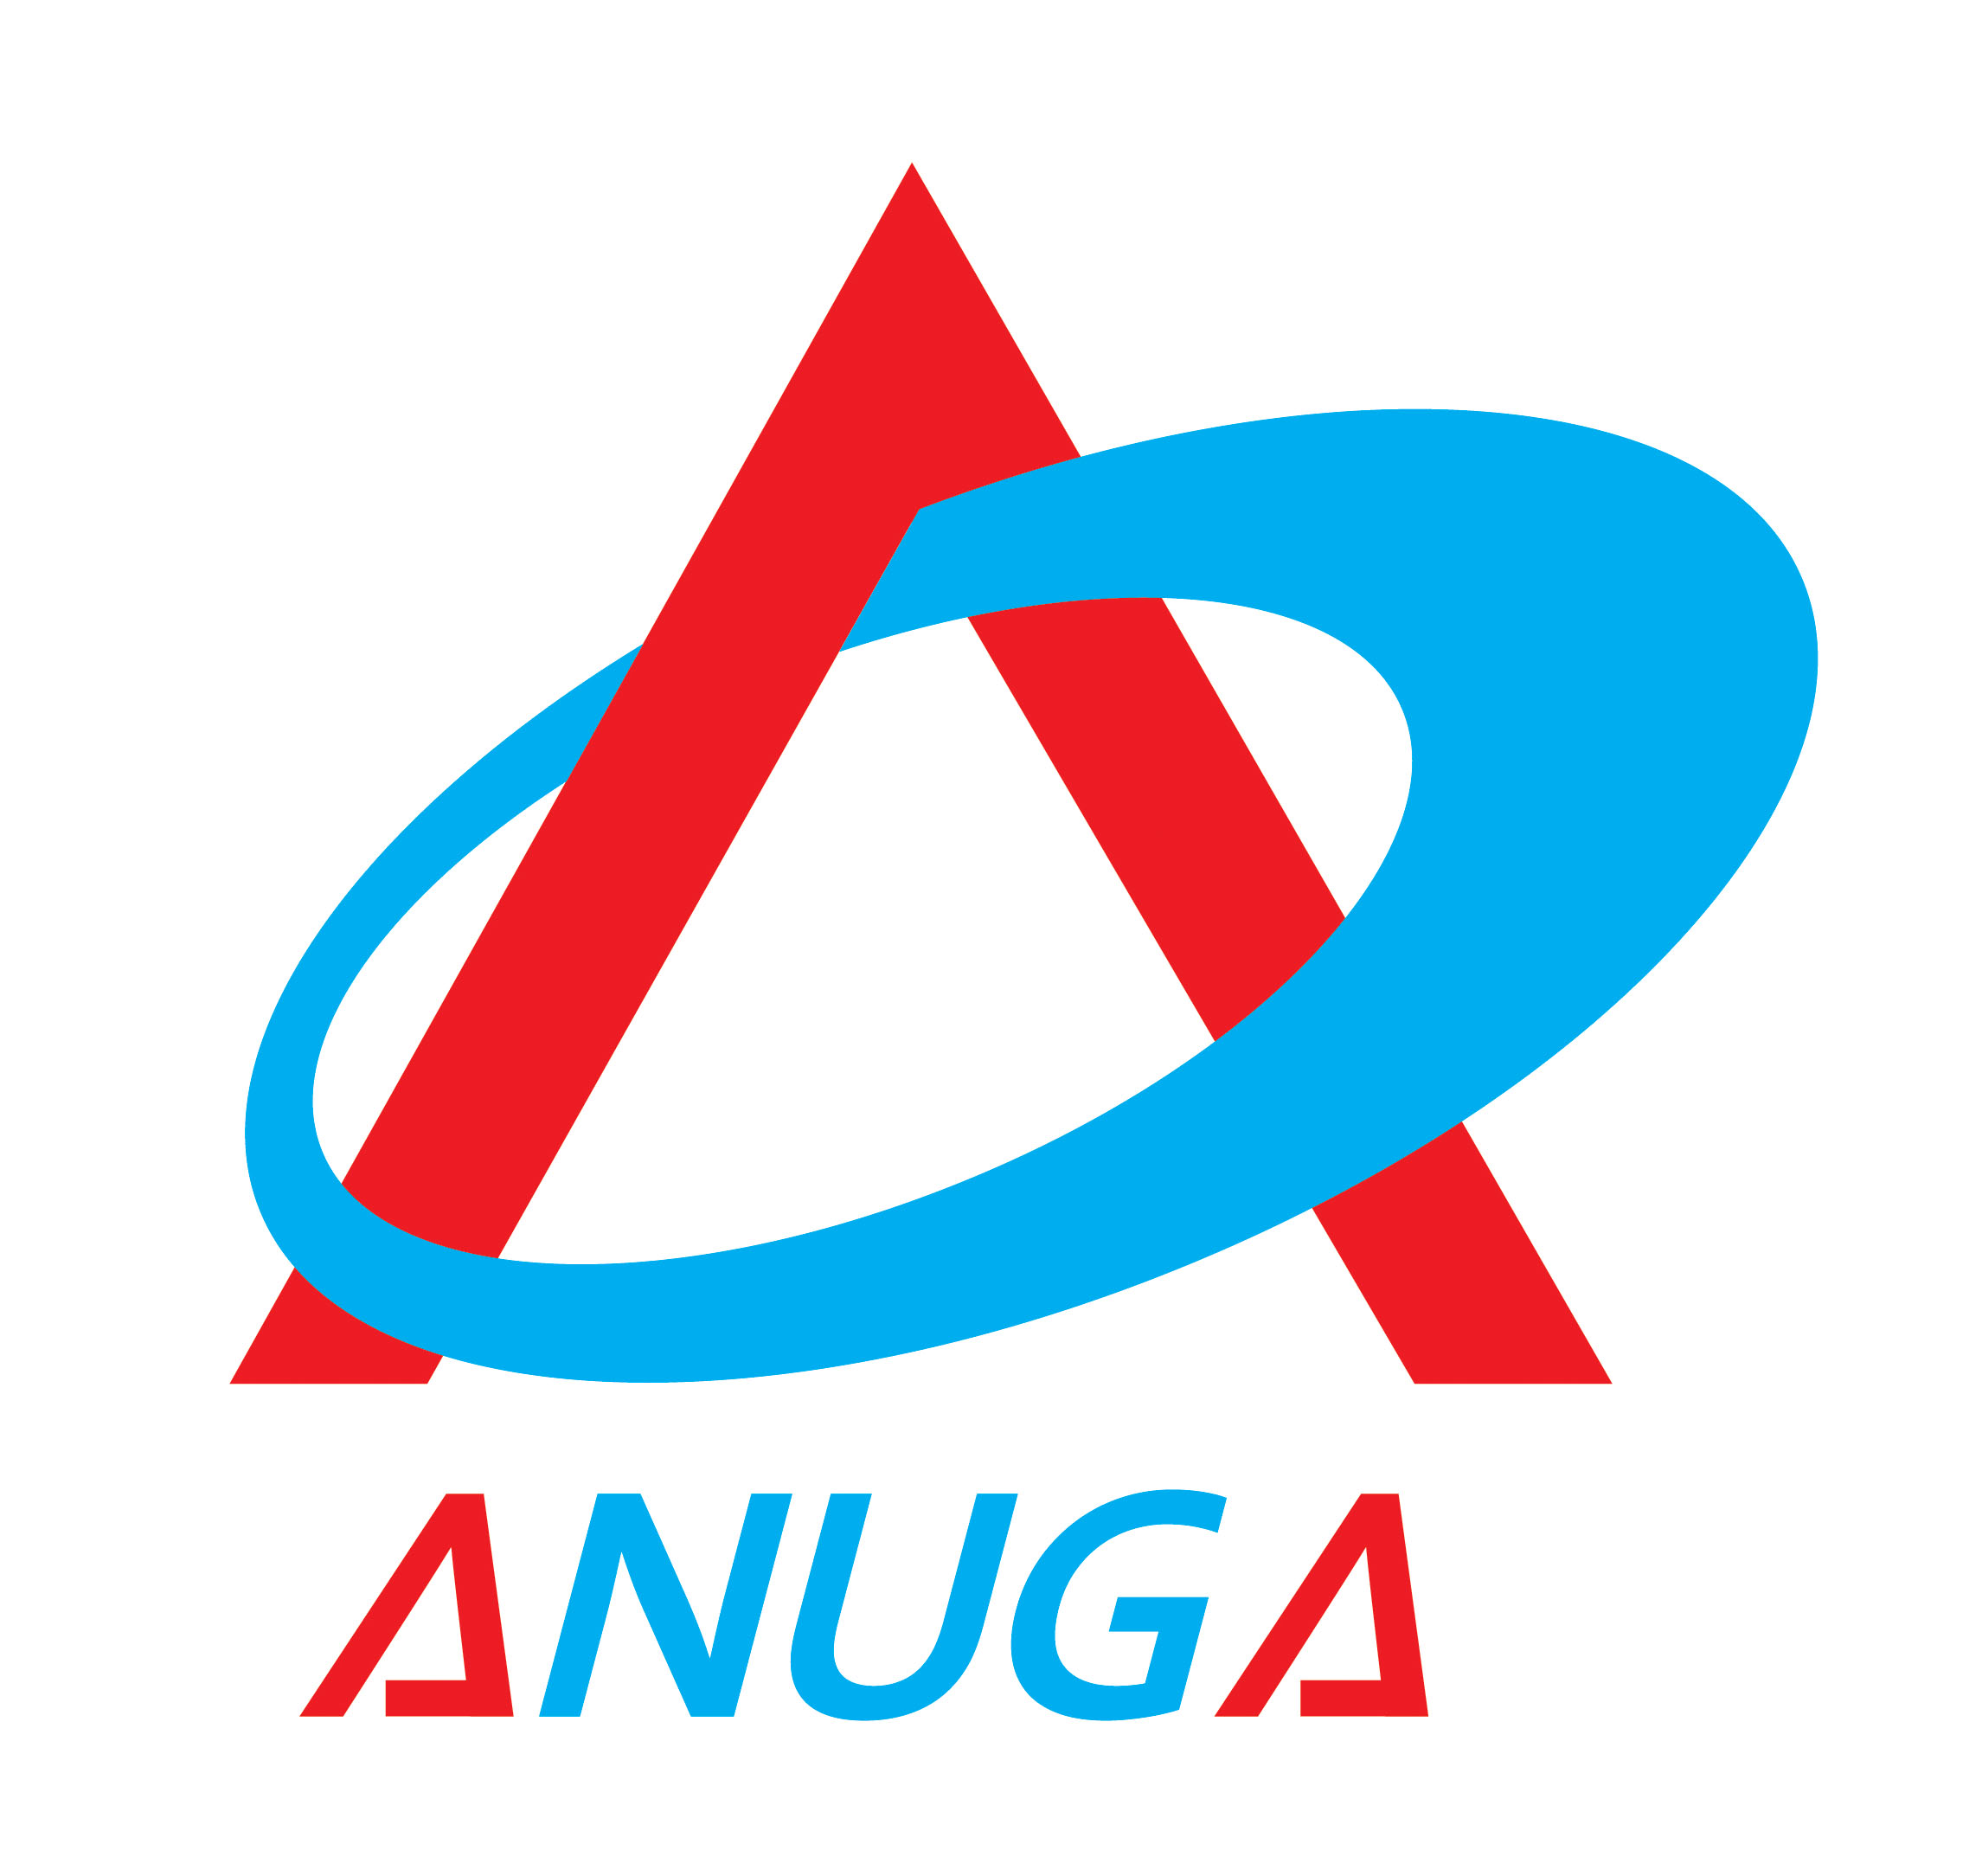 Anuga logo-01.jpg